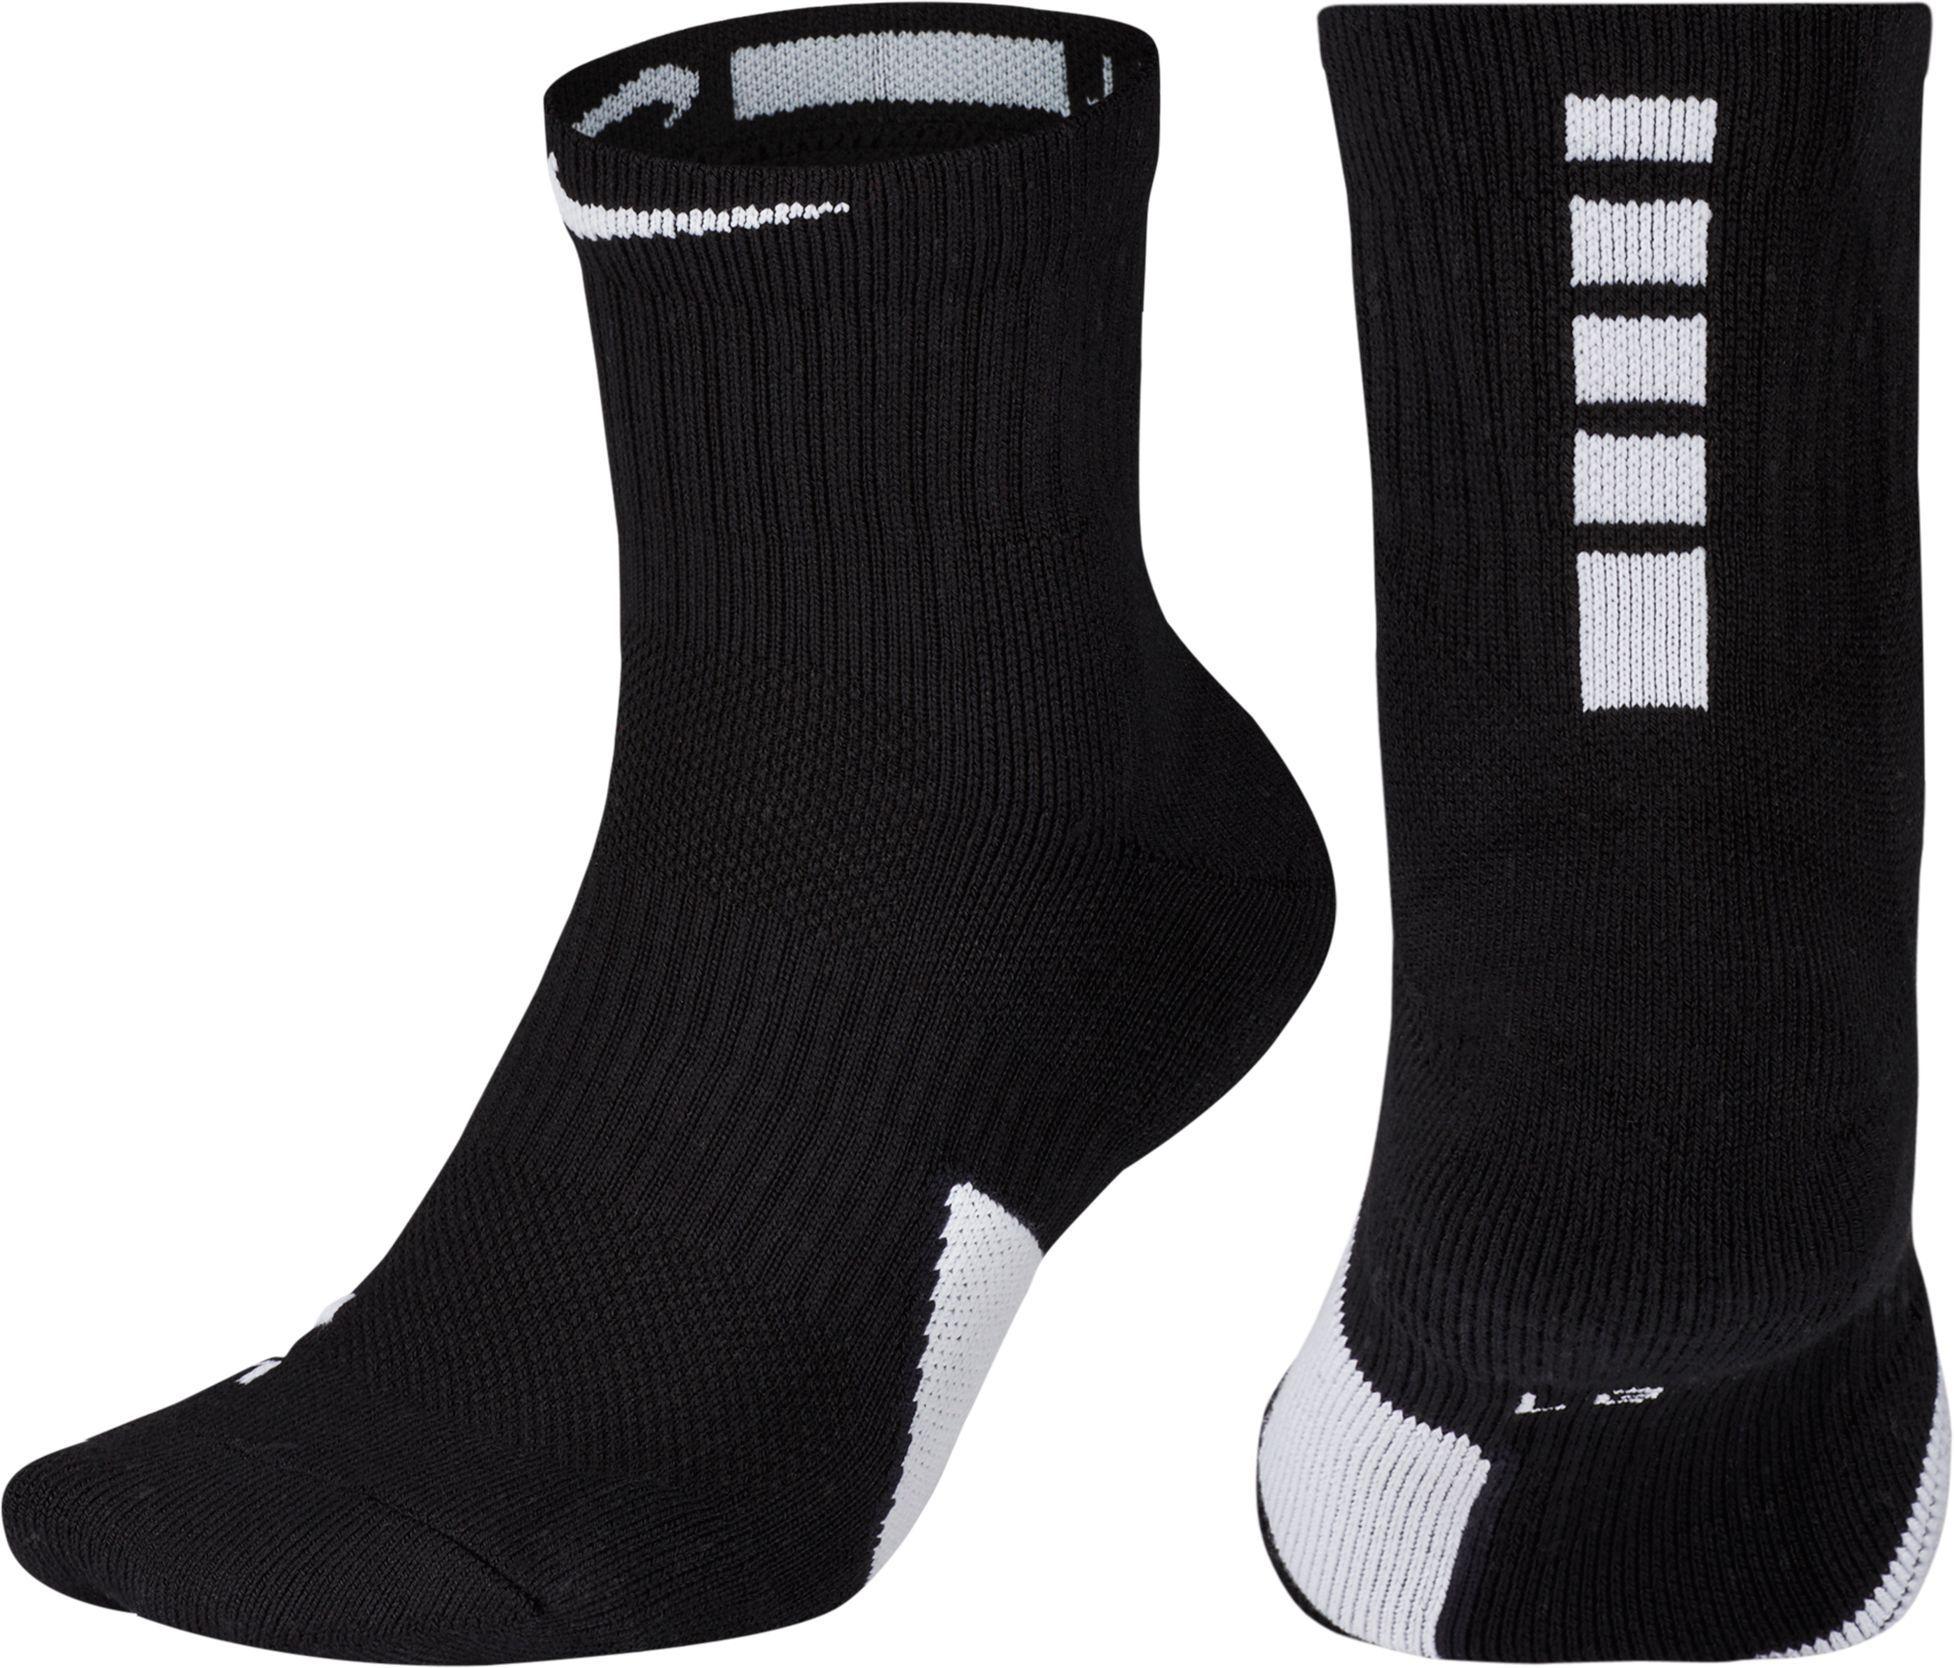 Nike Elite Basketball Mid Socks Women S Size Small Black Nike Basketball Socks Nike Jazz Shoes